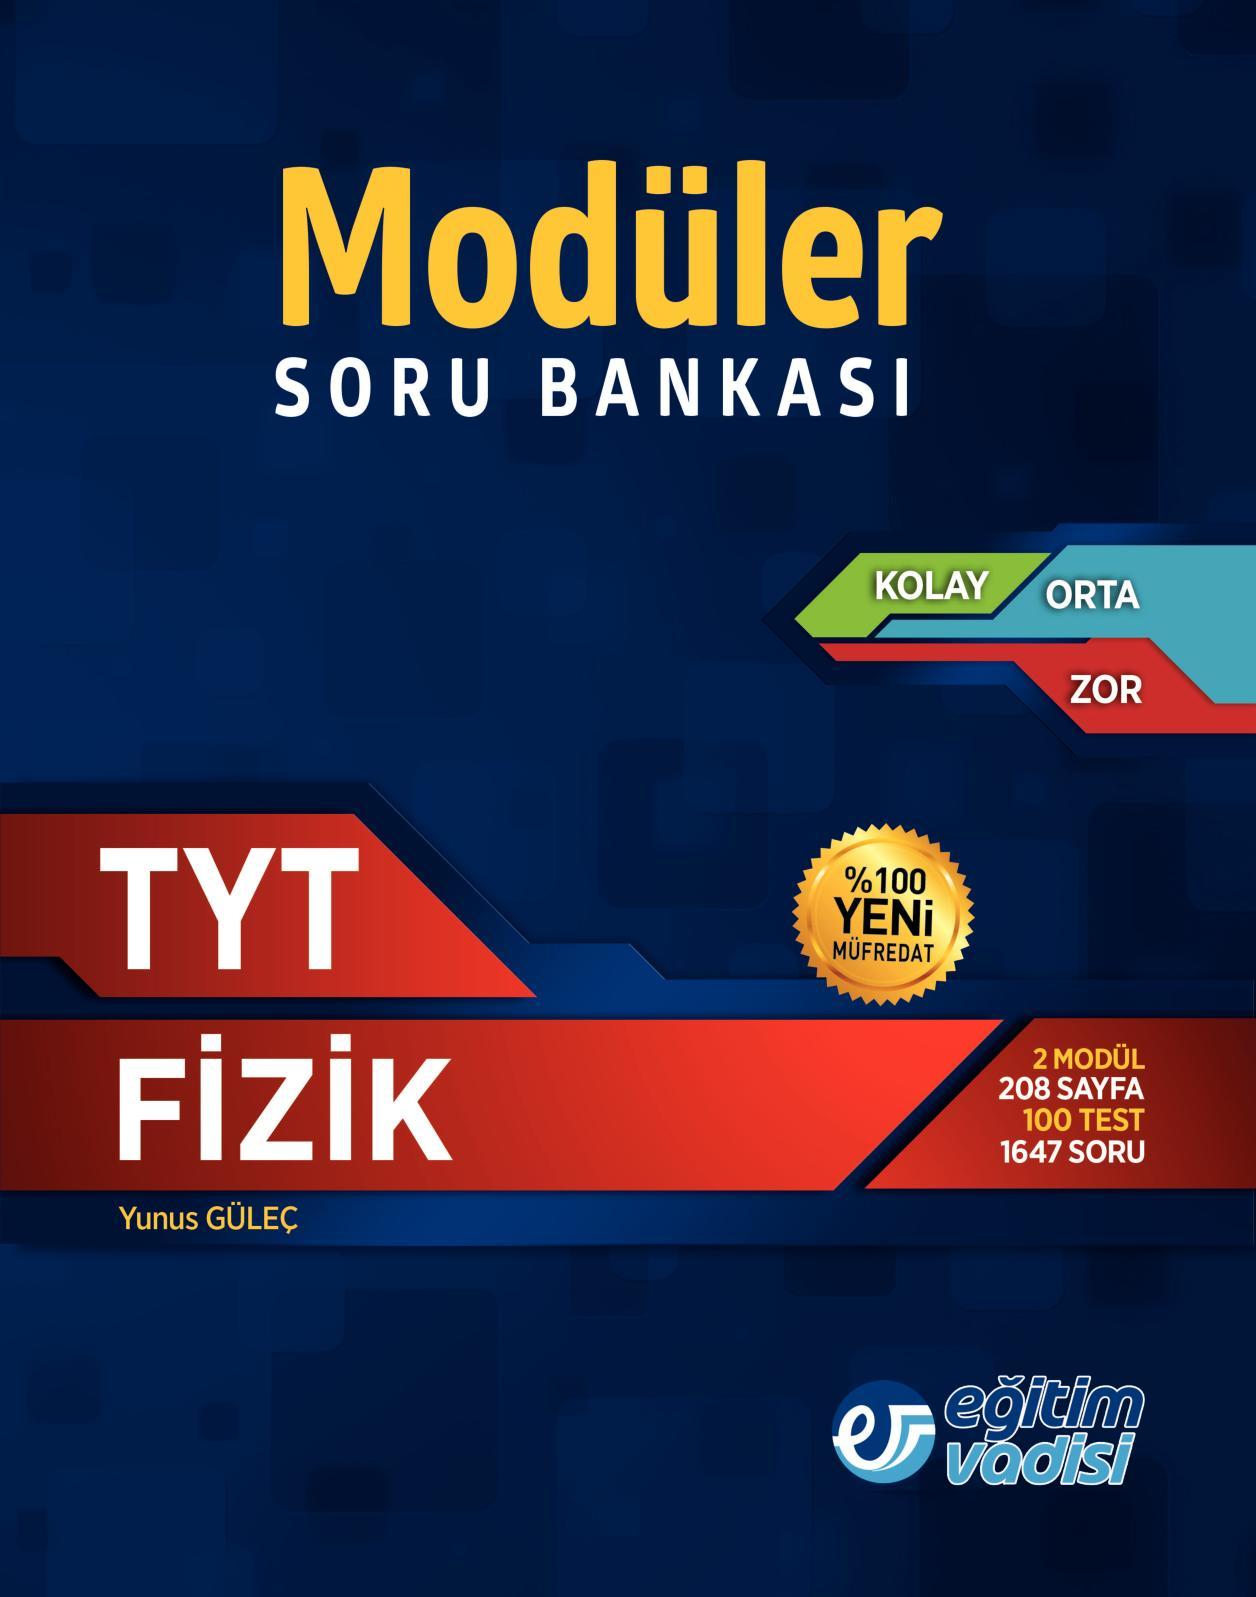 TYT Fi̇zi̇k Modüler Soru Bankasi